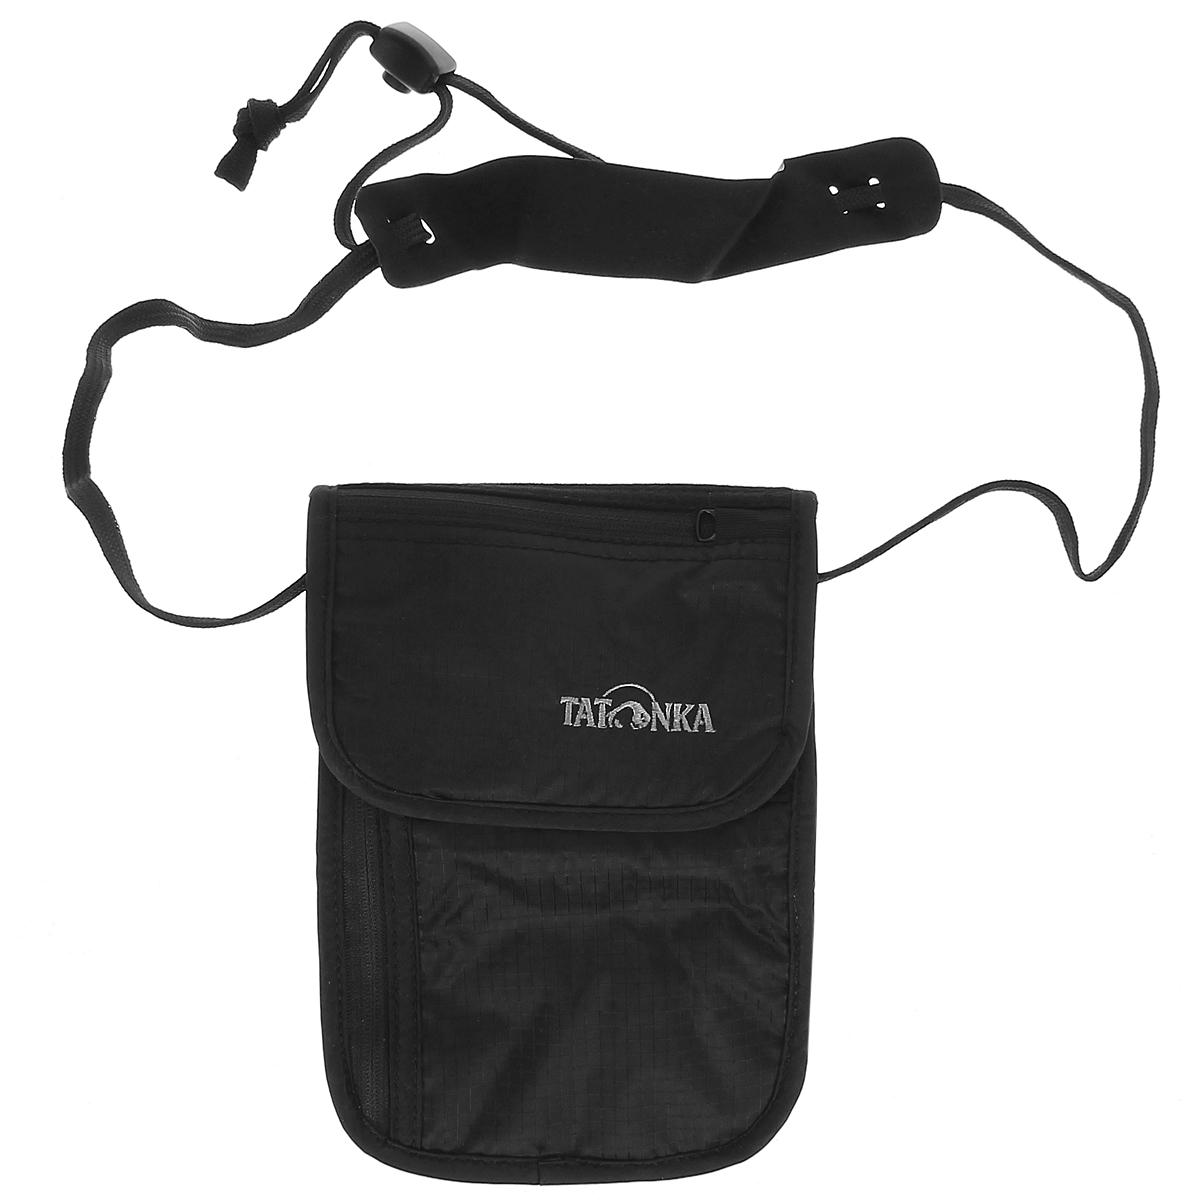 Кошелек шейный Tatonka Skin Neck Pouch, потайной, цвет: черный2858.040Потайной кошелек Tatonka Skin Neck Pouch носится на шее. Этот кошелек с клапаном на липучке внутри имеет глубокое отделение, большой карман на застежке-молнии и два маленьких кармашка. На клапане имеется небольшой кармашек на застежке-молнии. С обратной стороны для большего комфорта изделие дополнено мягкой тканью. Кошелек крепится на шее при помощи шнурка со стоппером и комфортной подкладкой. Материал: 210 T Nylon Ripstop.